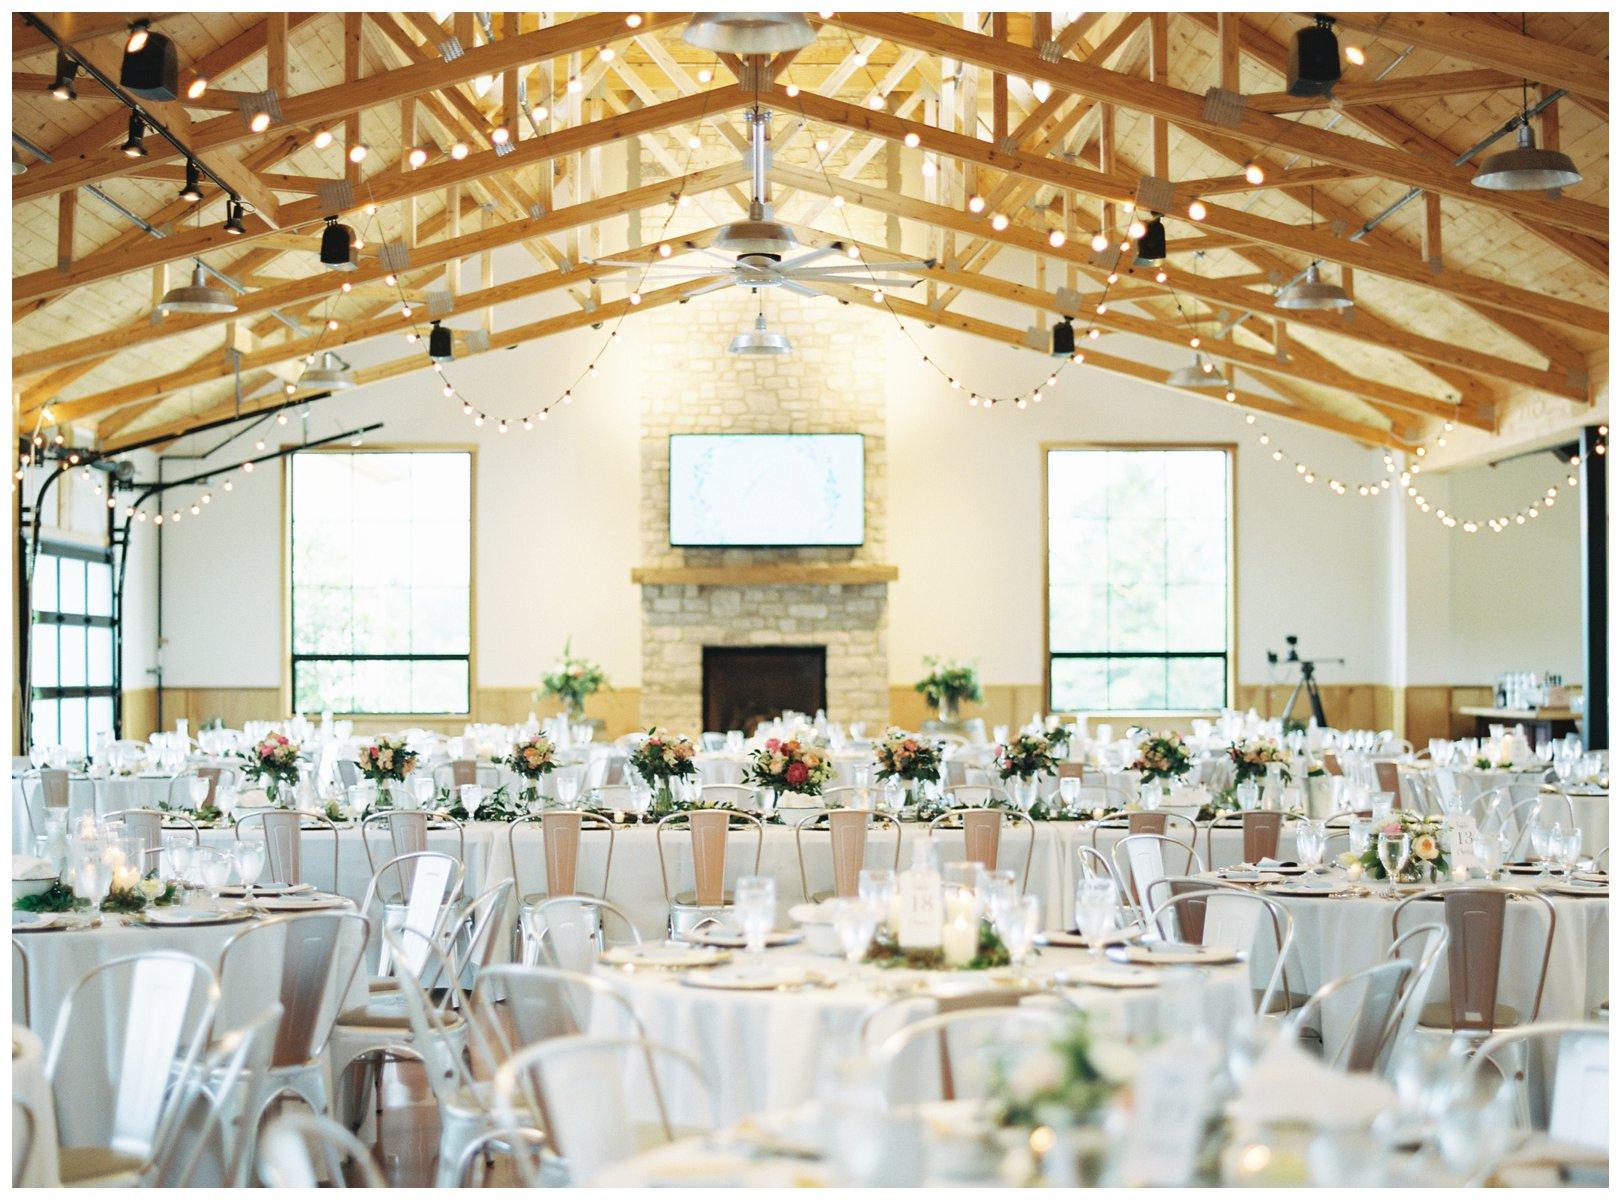 lauren muckler photography_fine art film wedding photography_st louis_photography_2389.jpg